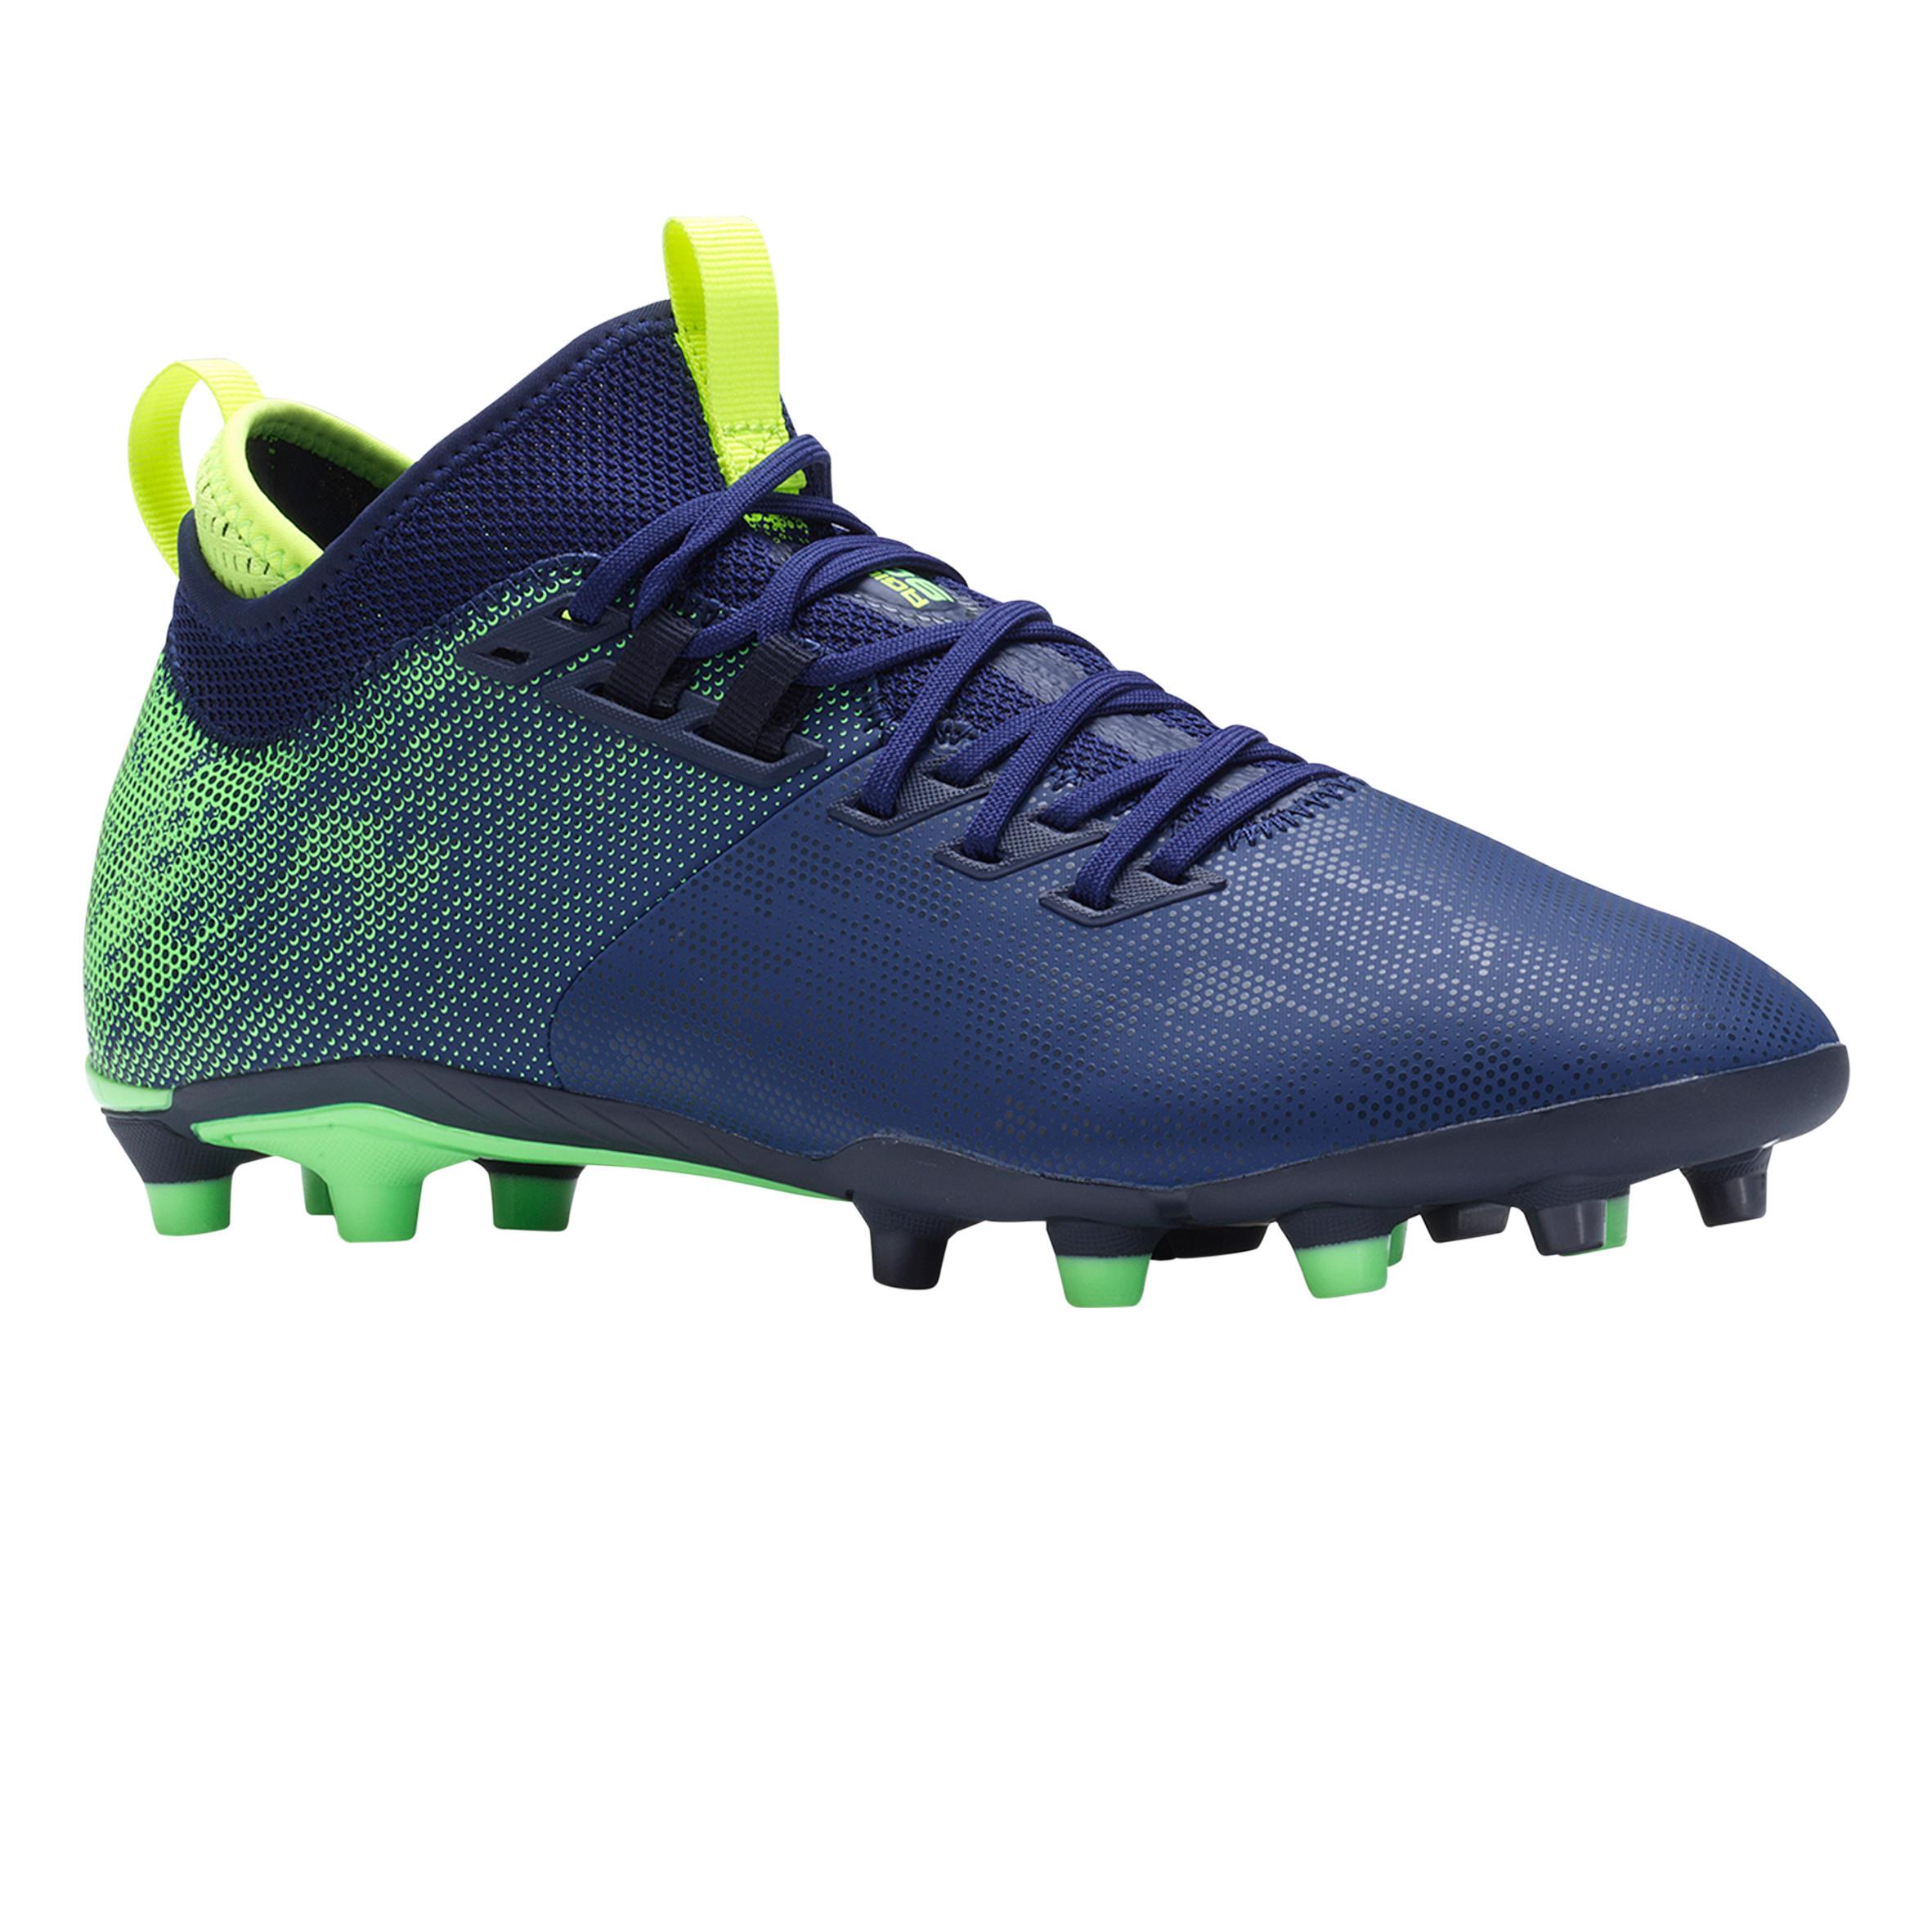 Comprar Botas de Fútbol Adultos y Zapatillas  60b5f50f20cb3